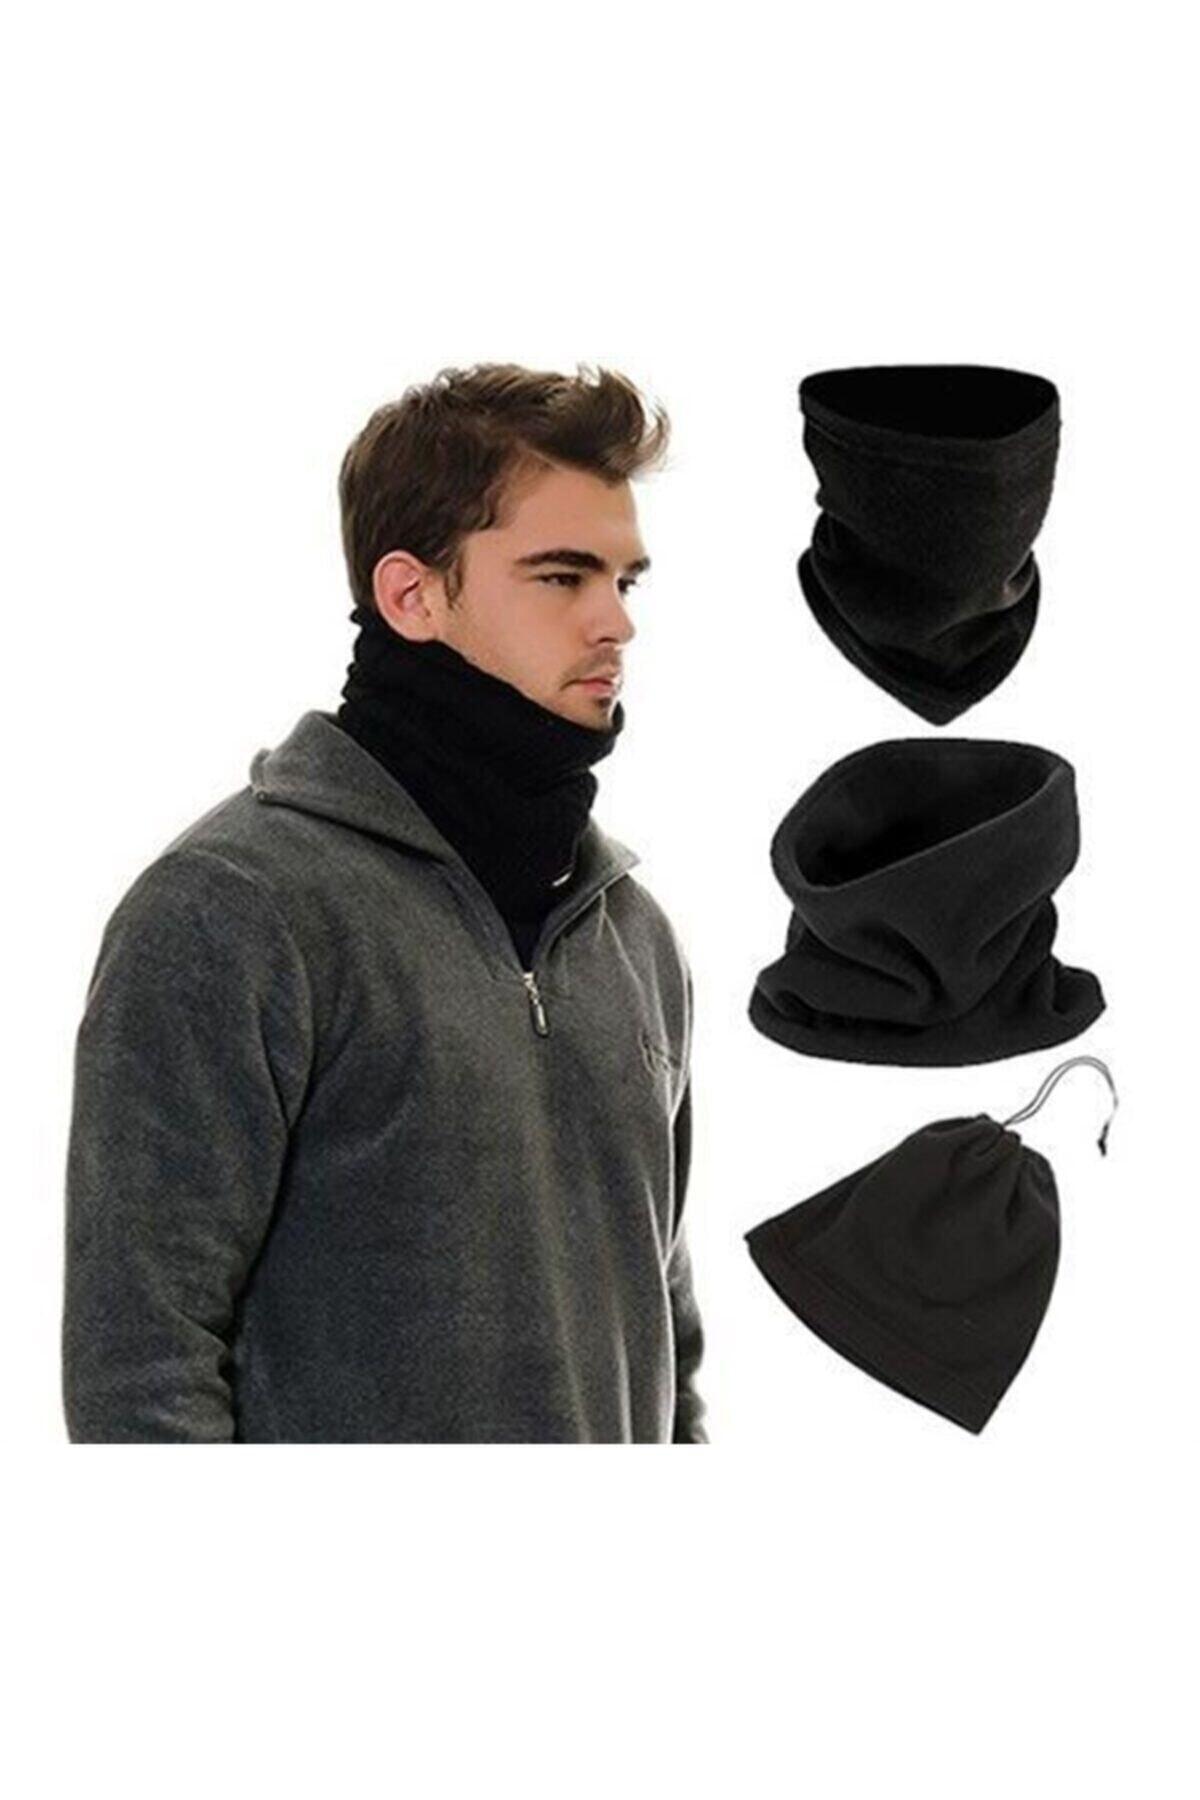 Dekorix Polar Boyunluk Bere Erkek Bayan Aksesuar Siyah Gri Haki Şapka 1